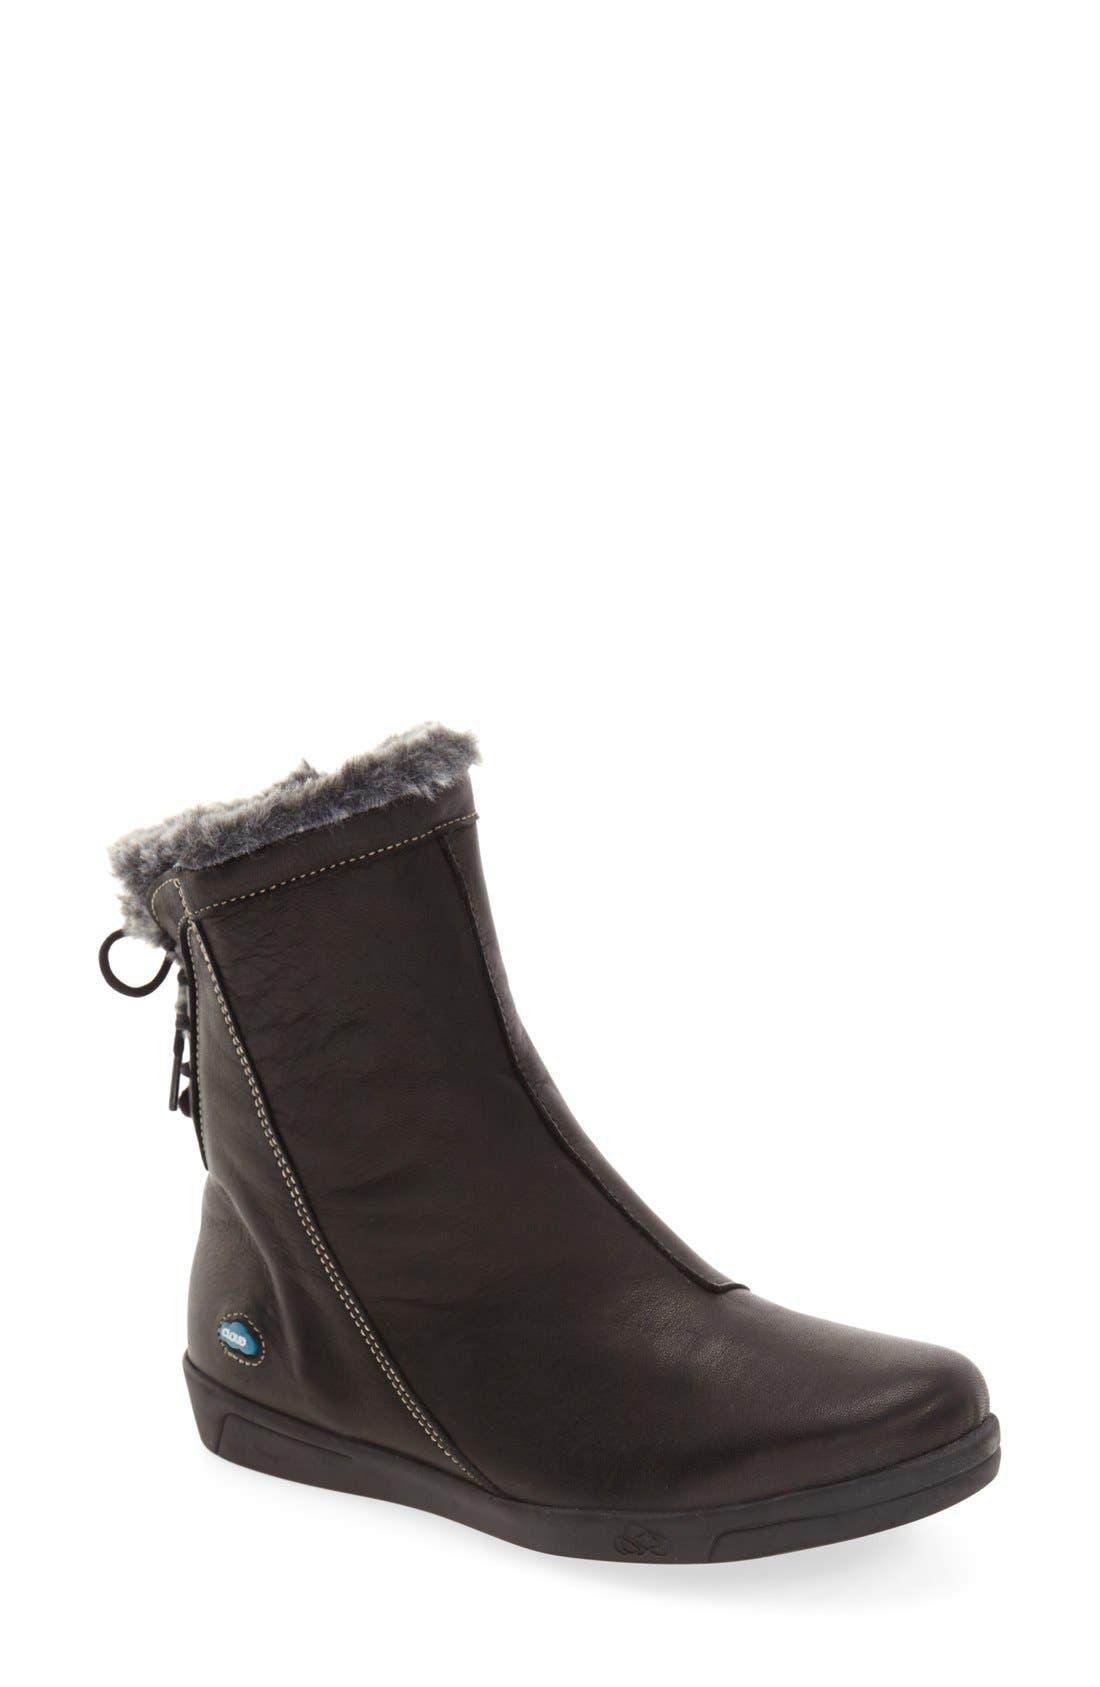 CLOUD 'Aryana' Boot, Main, color, 001